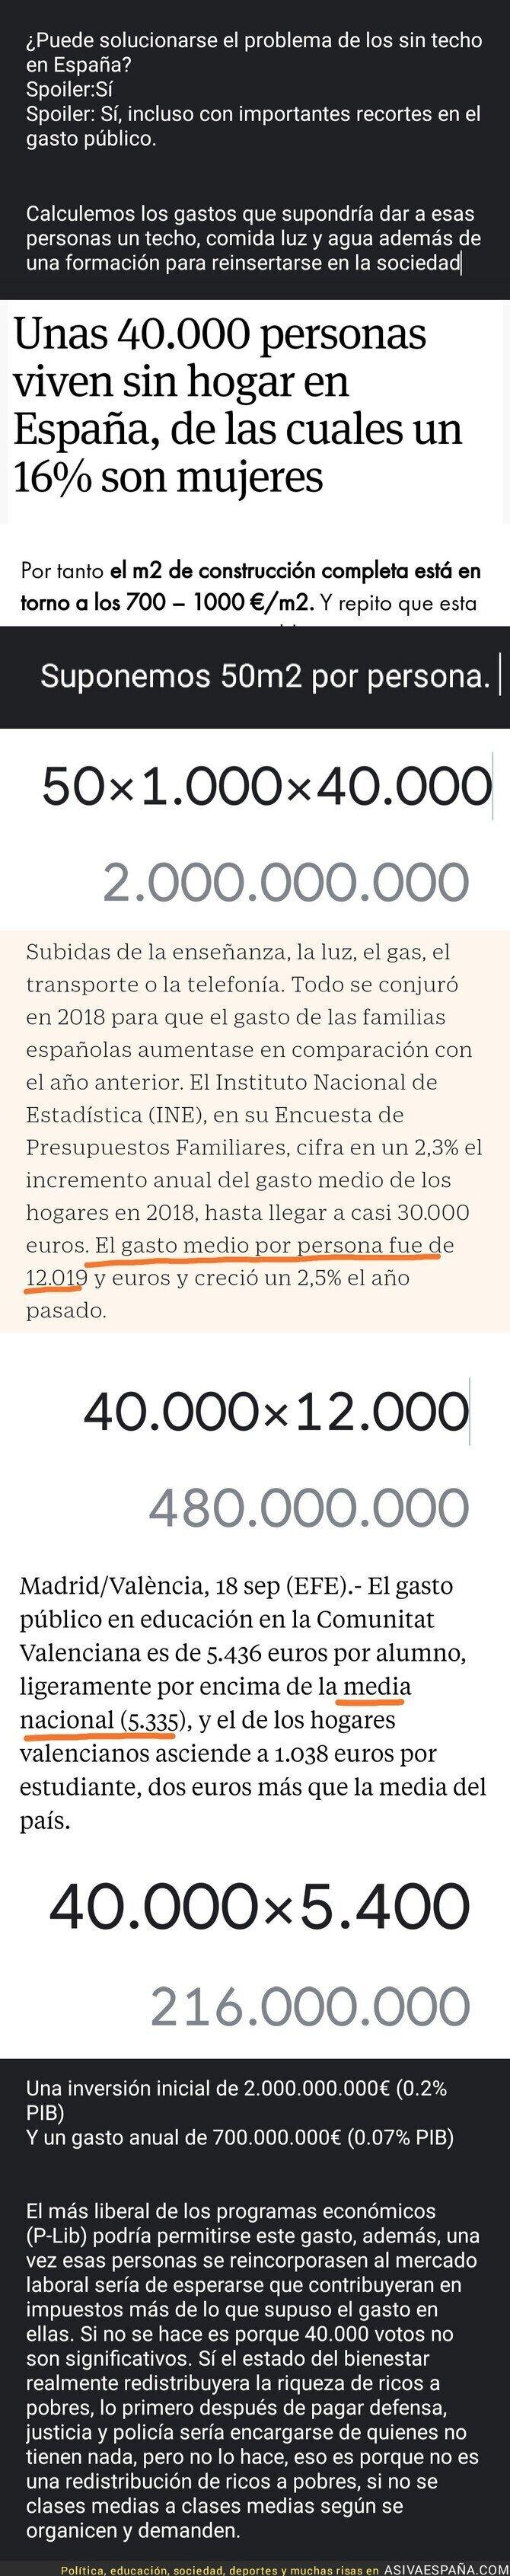 138342 - ¿Puede solucionarse el problema de los sin techo en España?